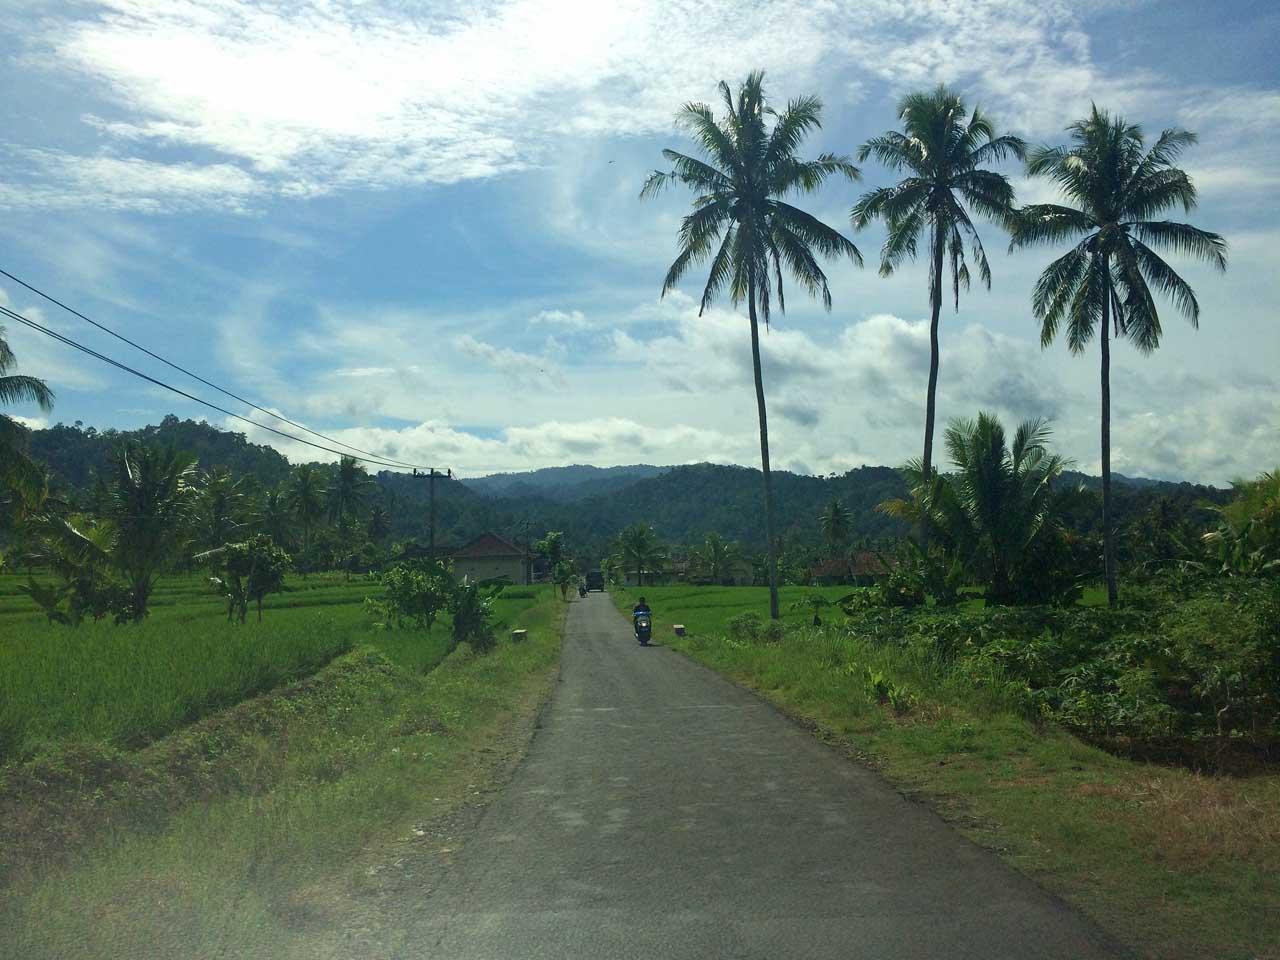 Pantai Karang Bolong Tanggamus - iphone 5s - Yopie Pangkey - 1